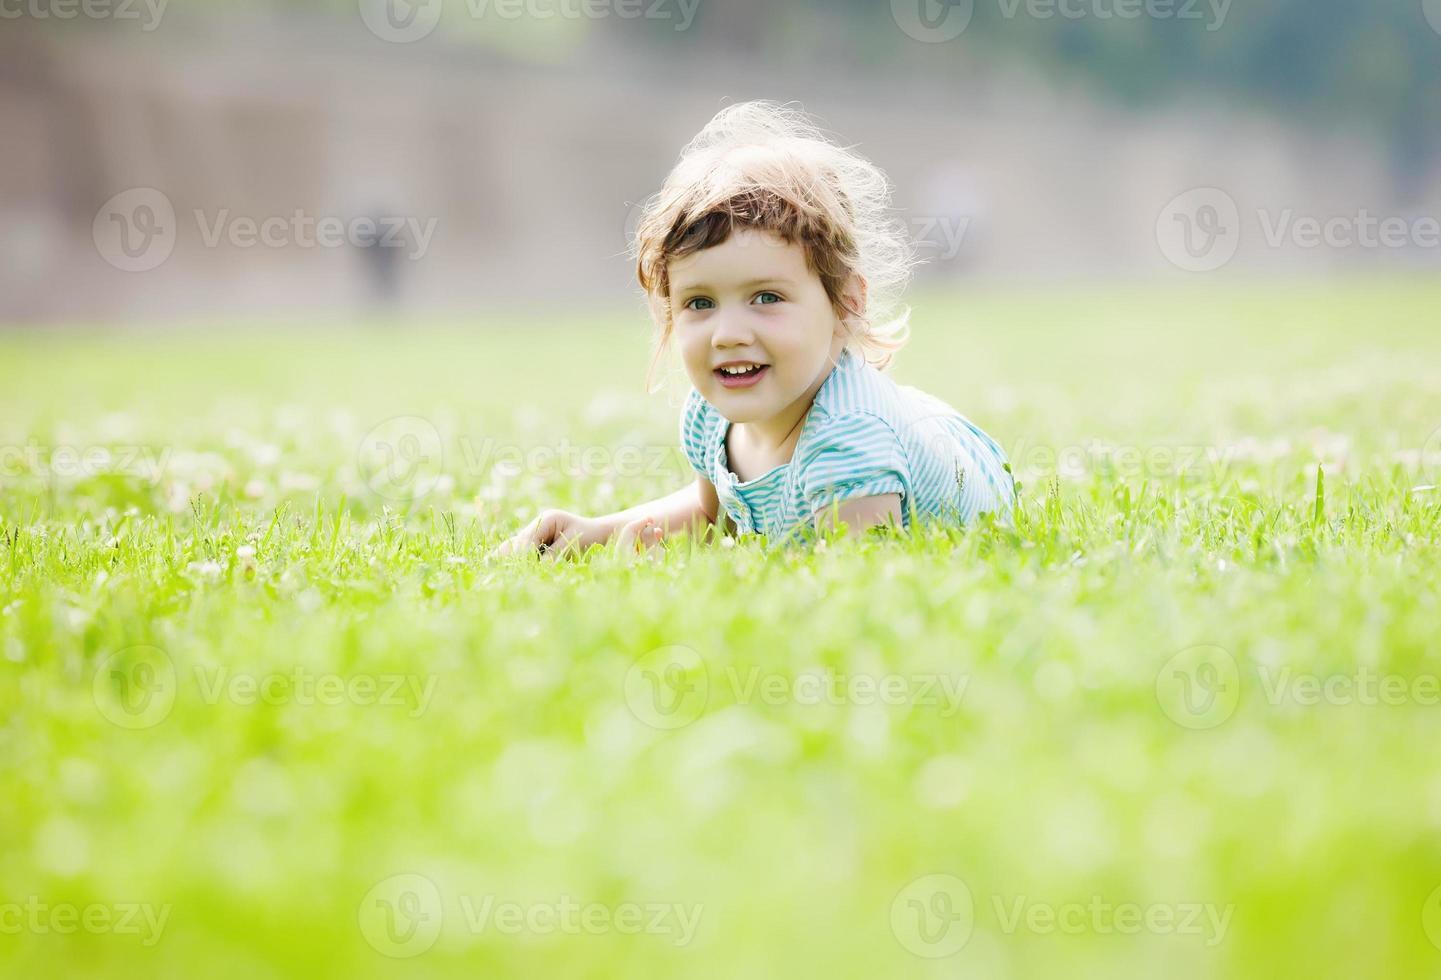 criança brincando no pasto foto